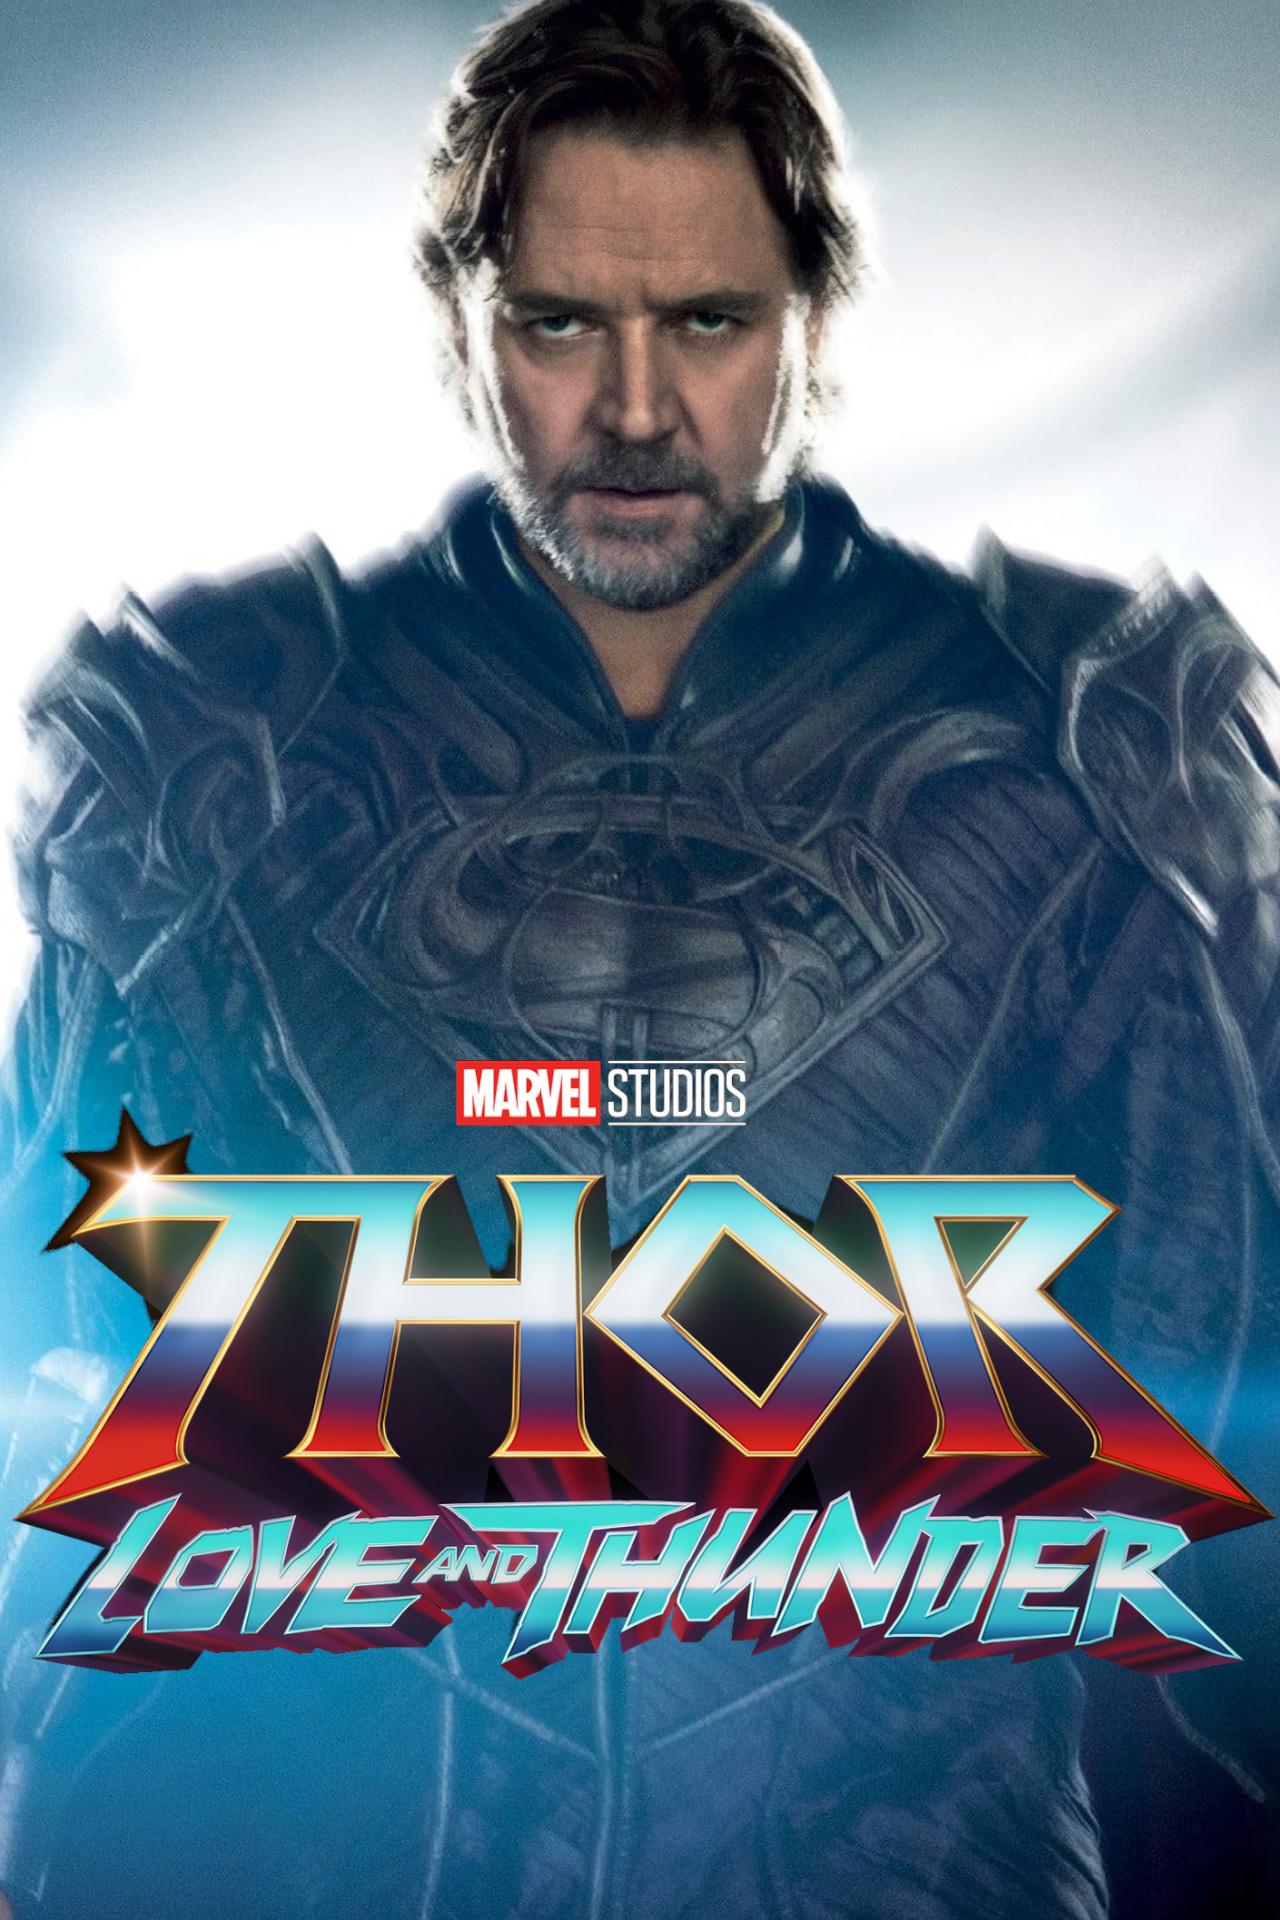 Russell Crowe foi confirmado no Universo Cinematográfico Marvel em Thor Love And Thunder e os fãs já questionam qual personagem poderia ser interpretado pelo ator ganhador do Oscar.